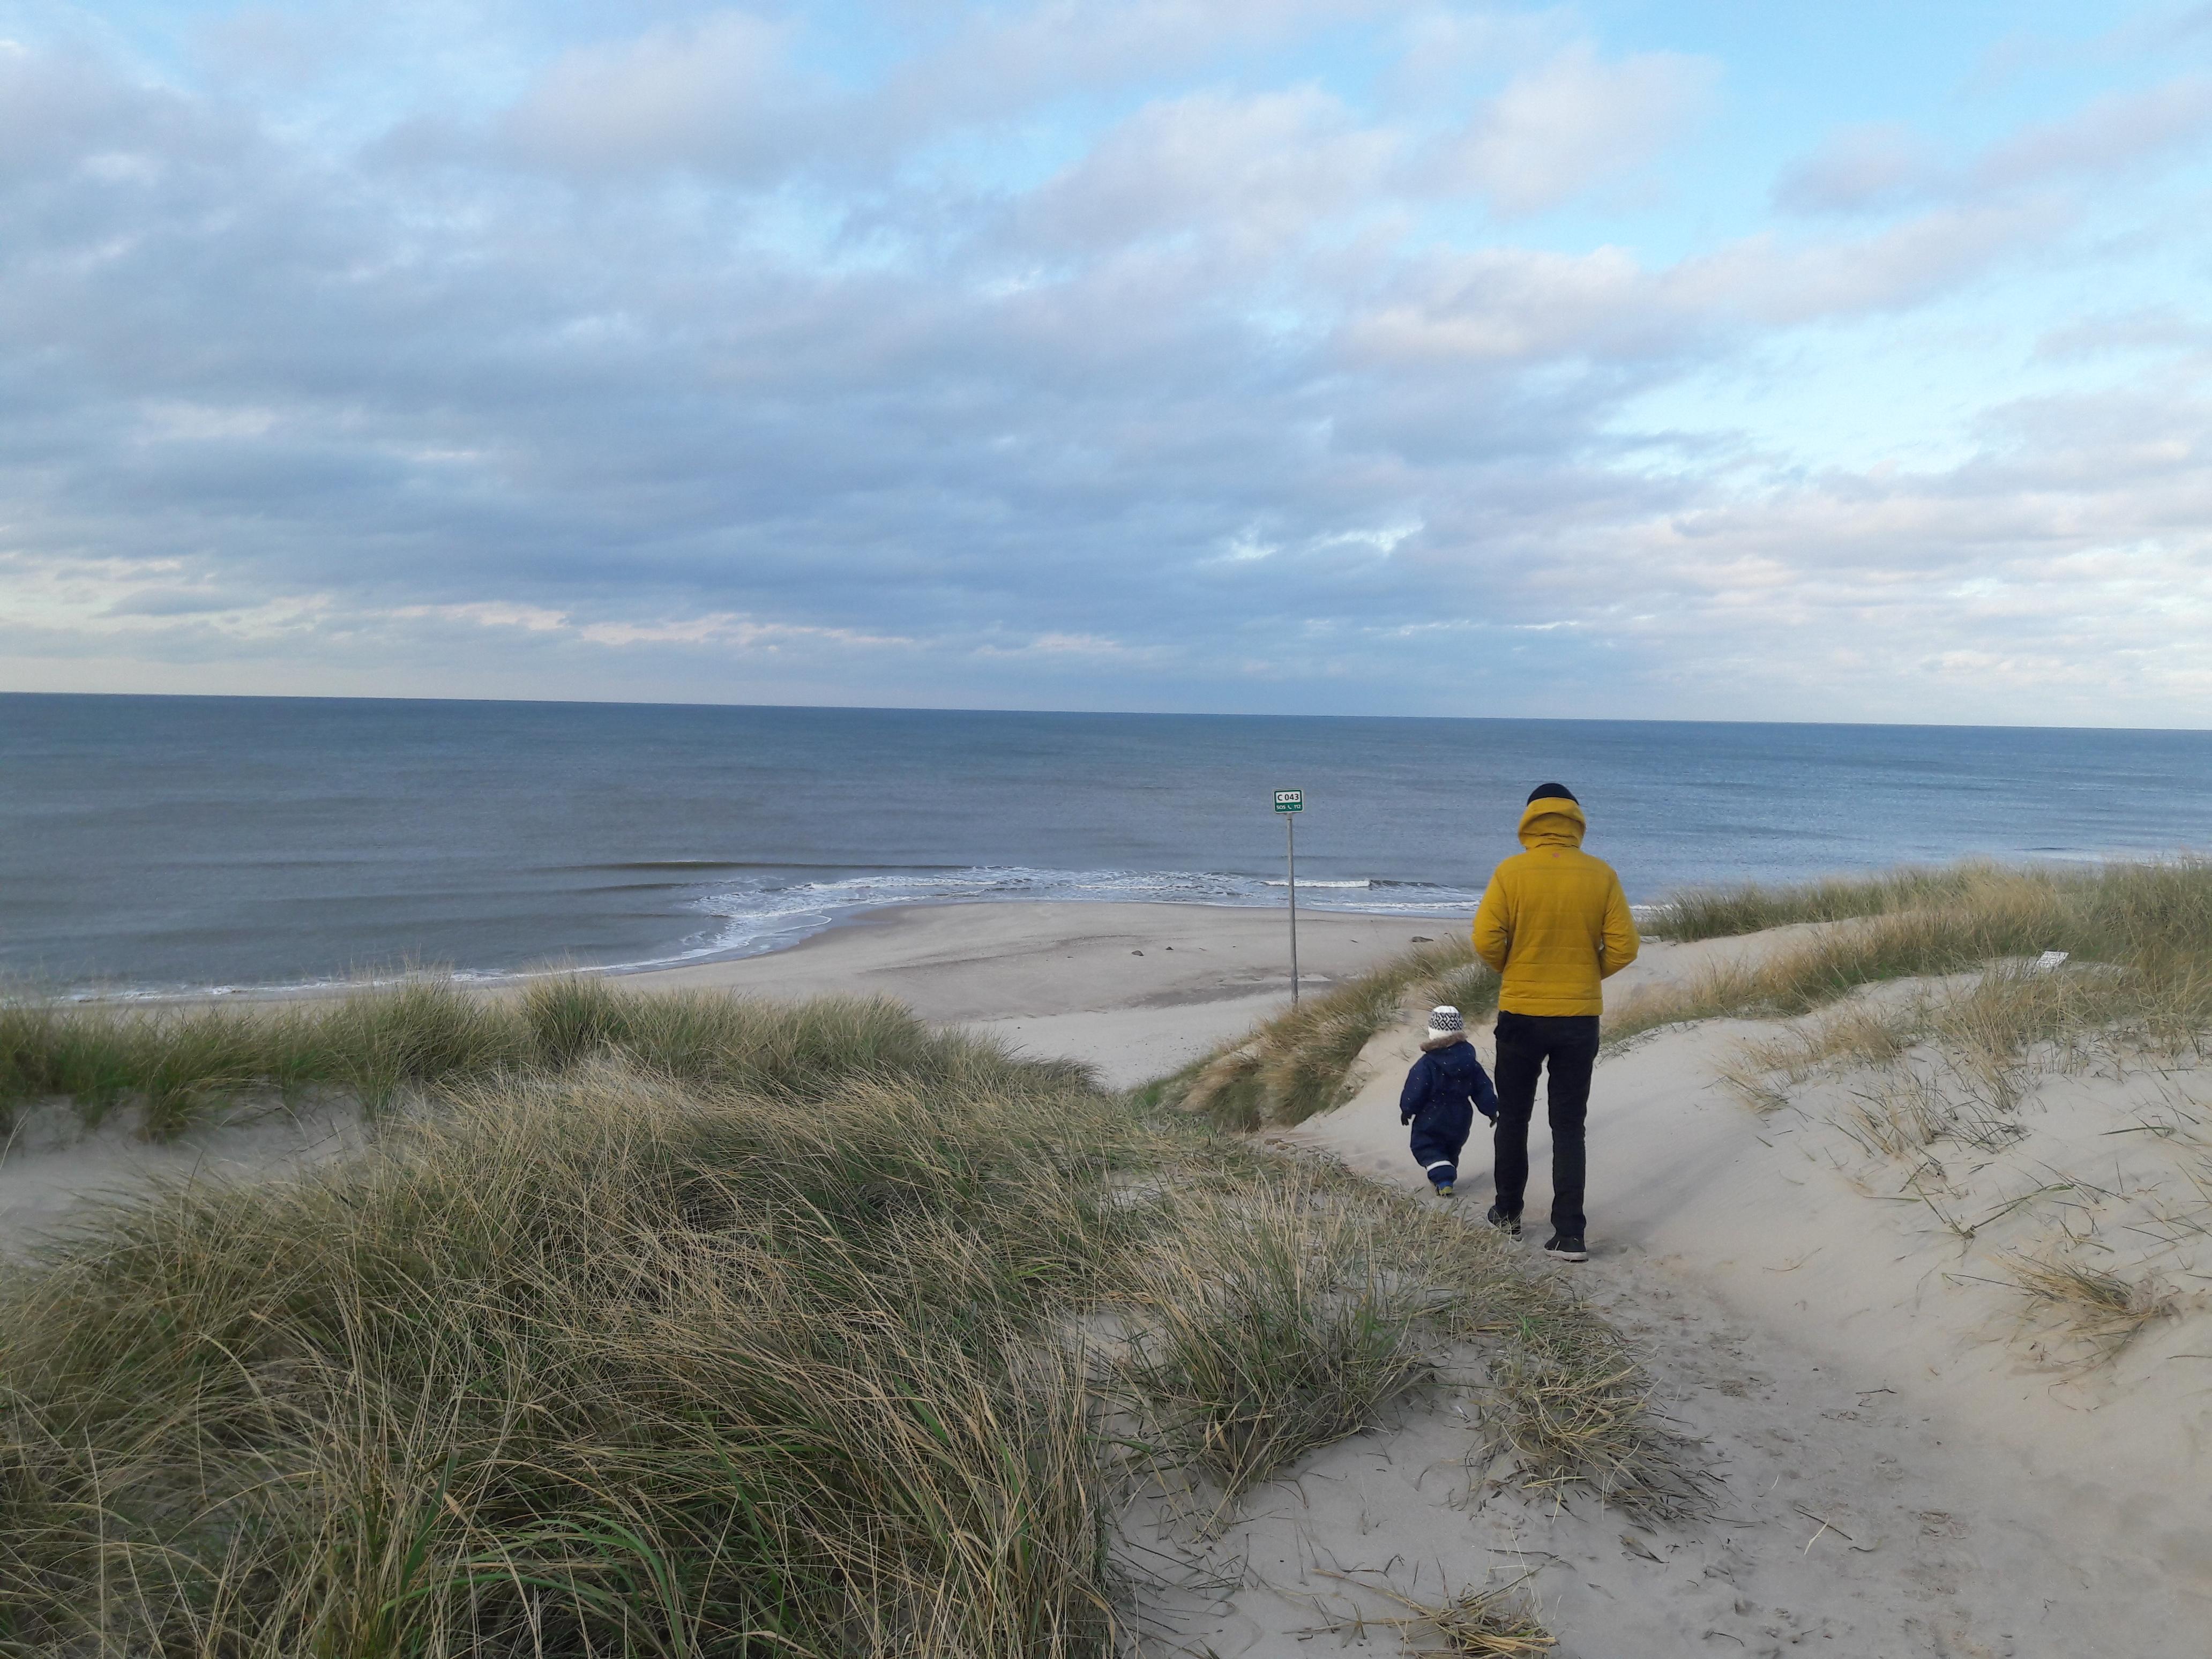 Reisebericht von Autorin Charoline Bauer